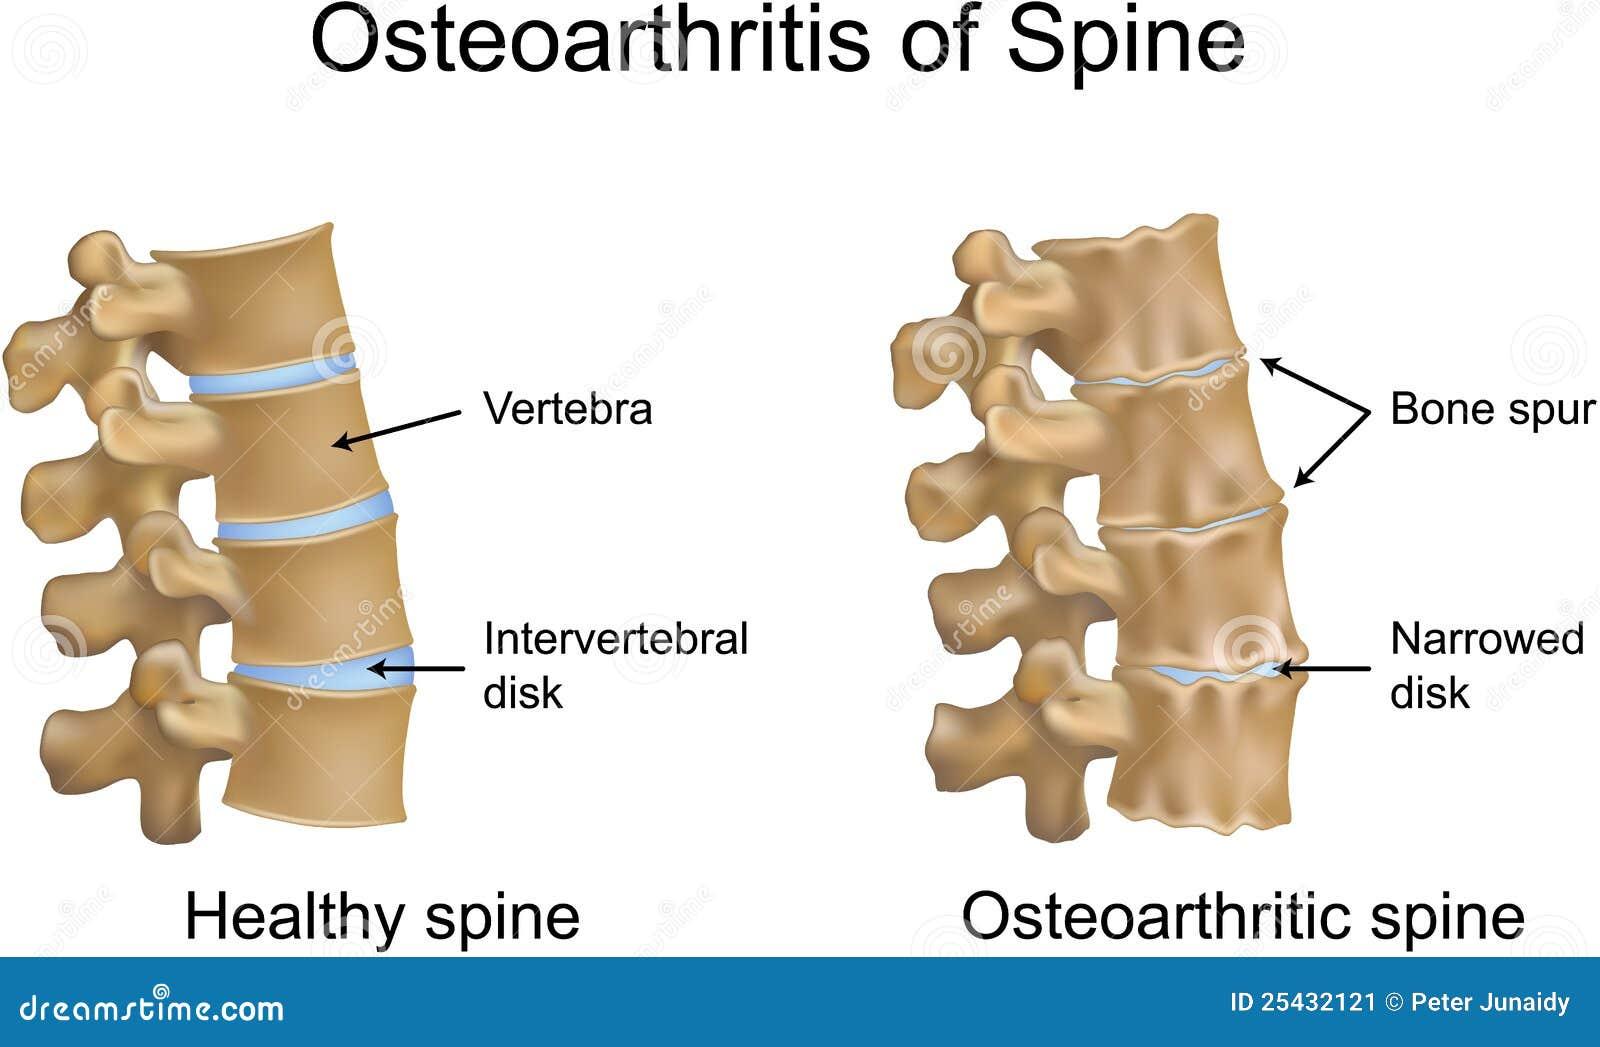 脊椎骨关节炎